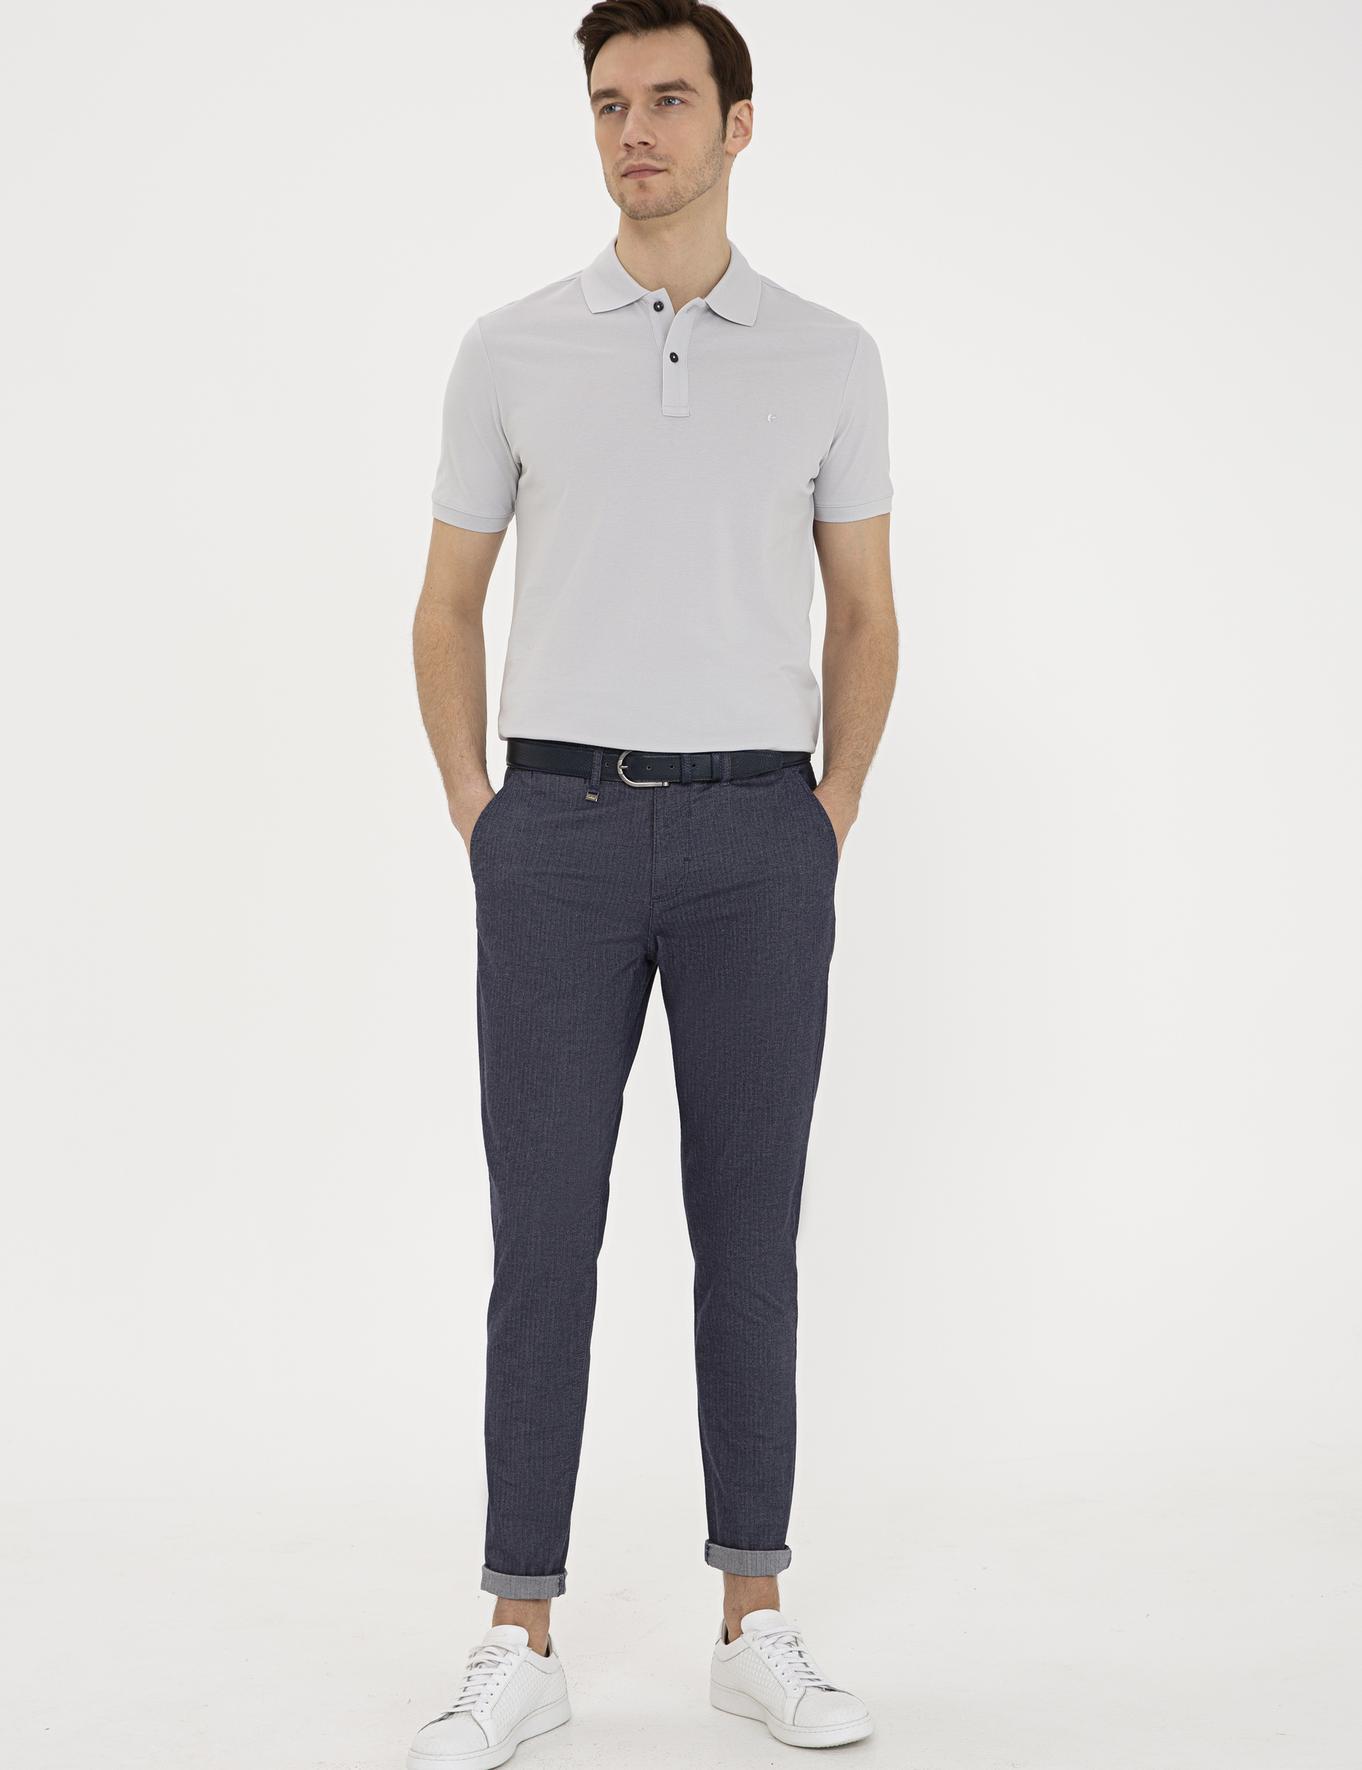 Polo Yaka T-Shirt - 50239479091